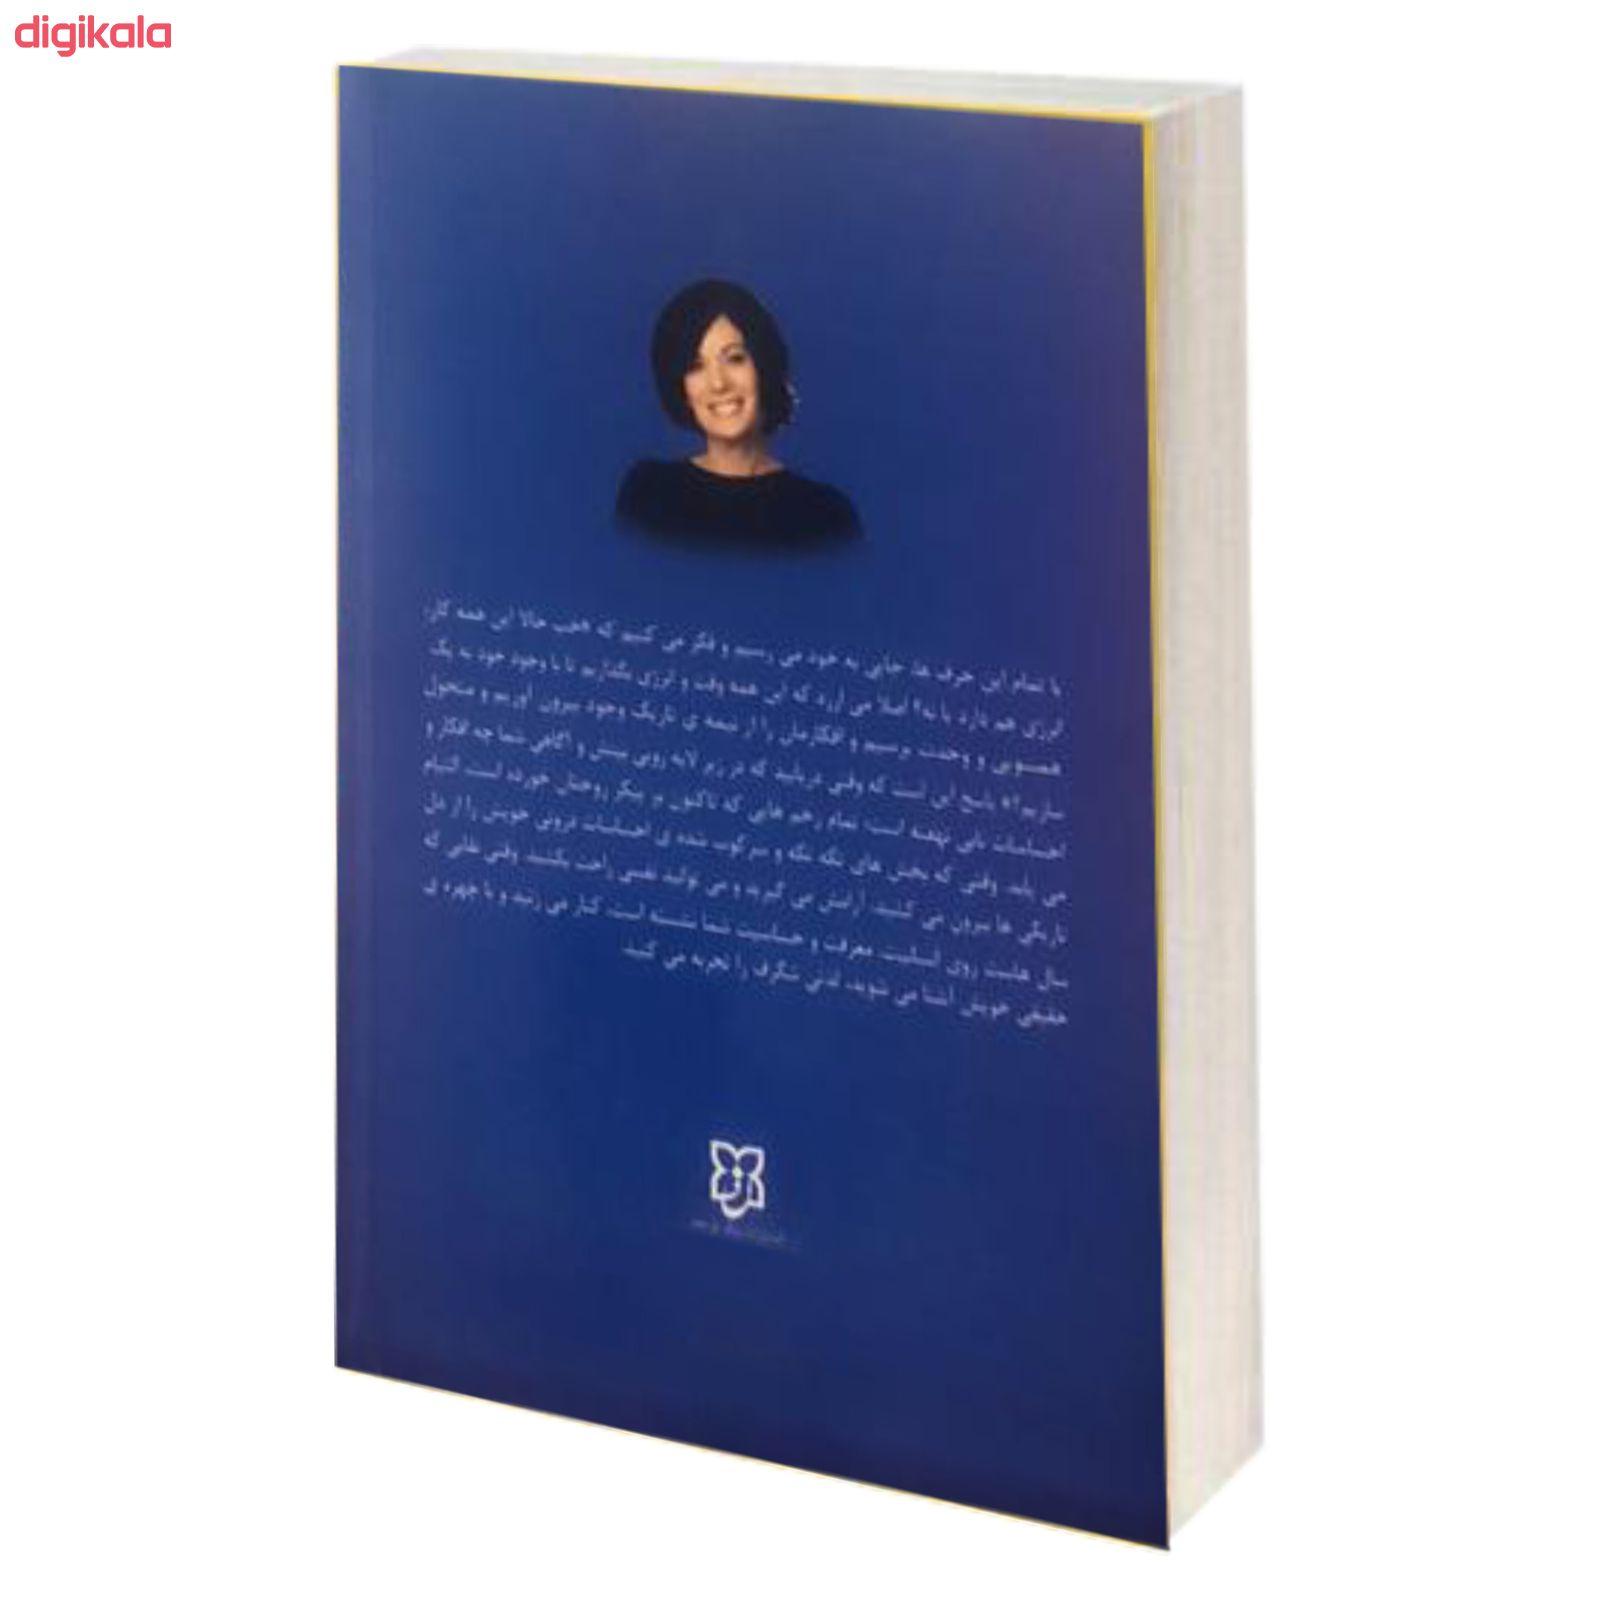 کتاب نیمه تاریک وجود اثر دبی فورد نشر نیک فرجام main 1 1